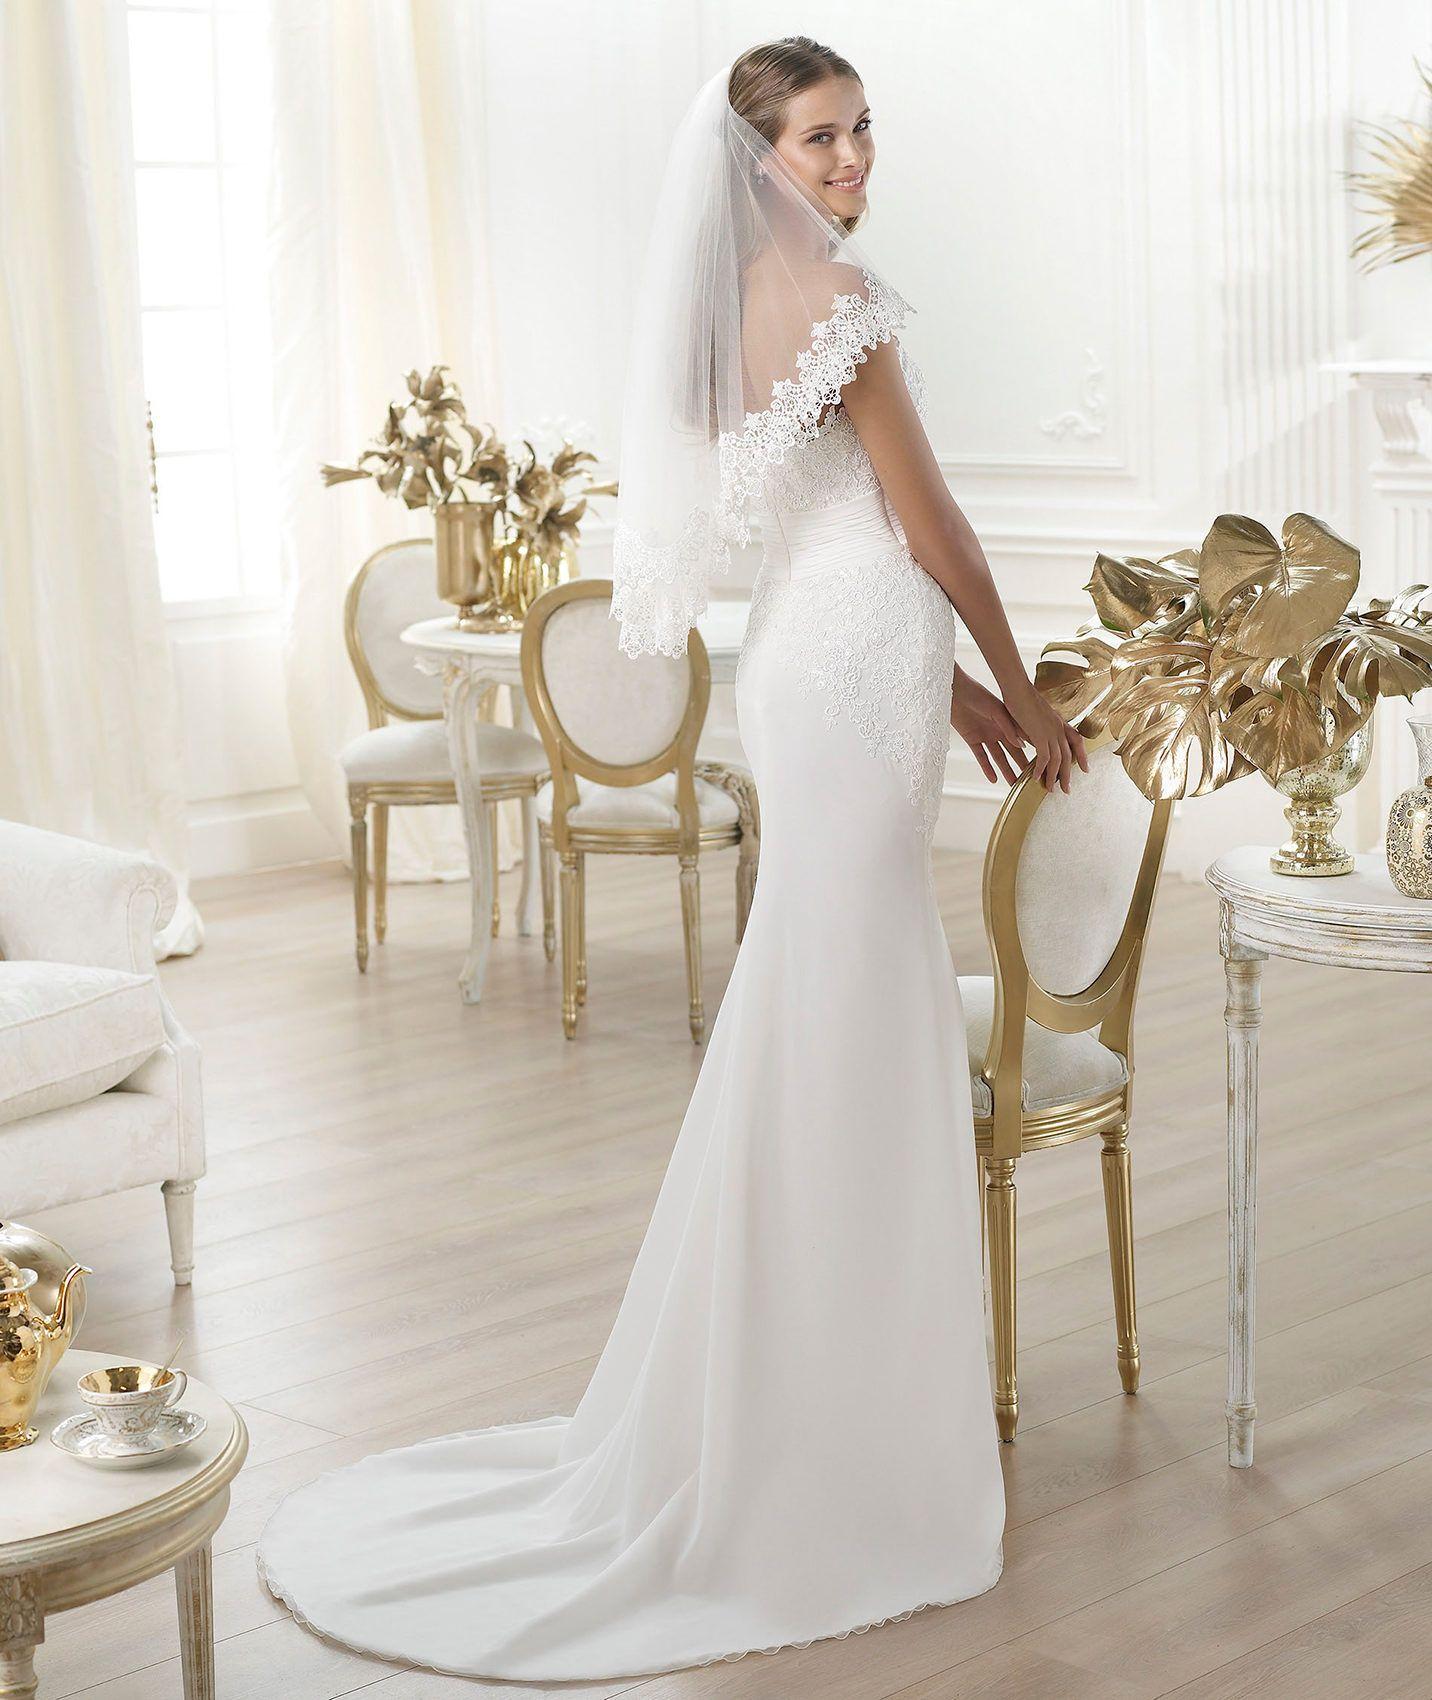 Peinado novia vestido cuello barco